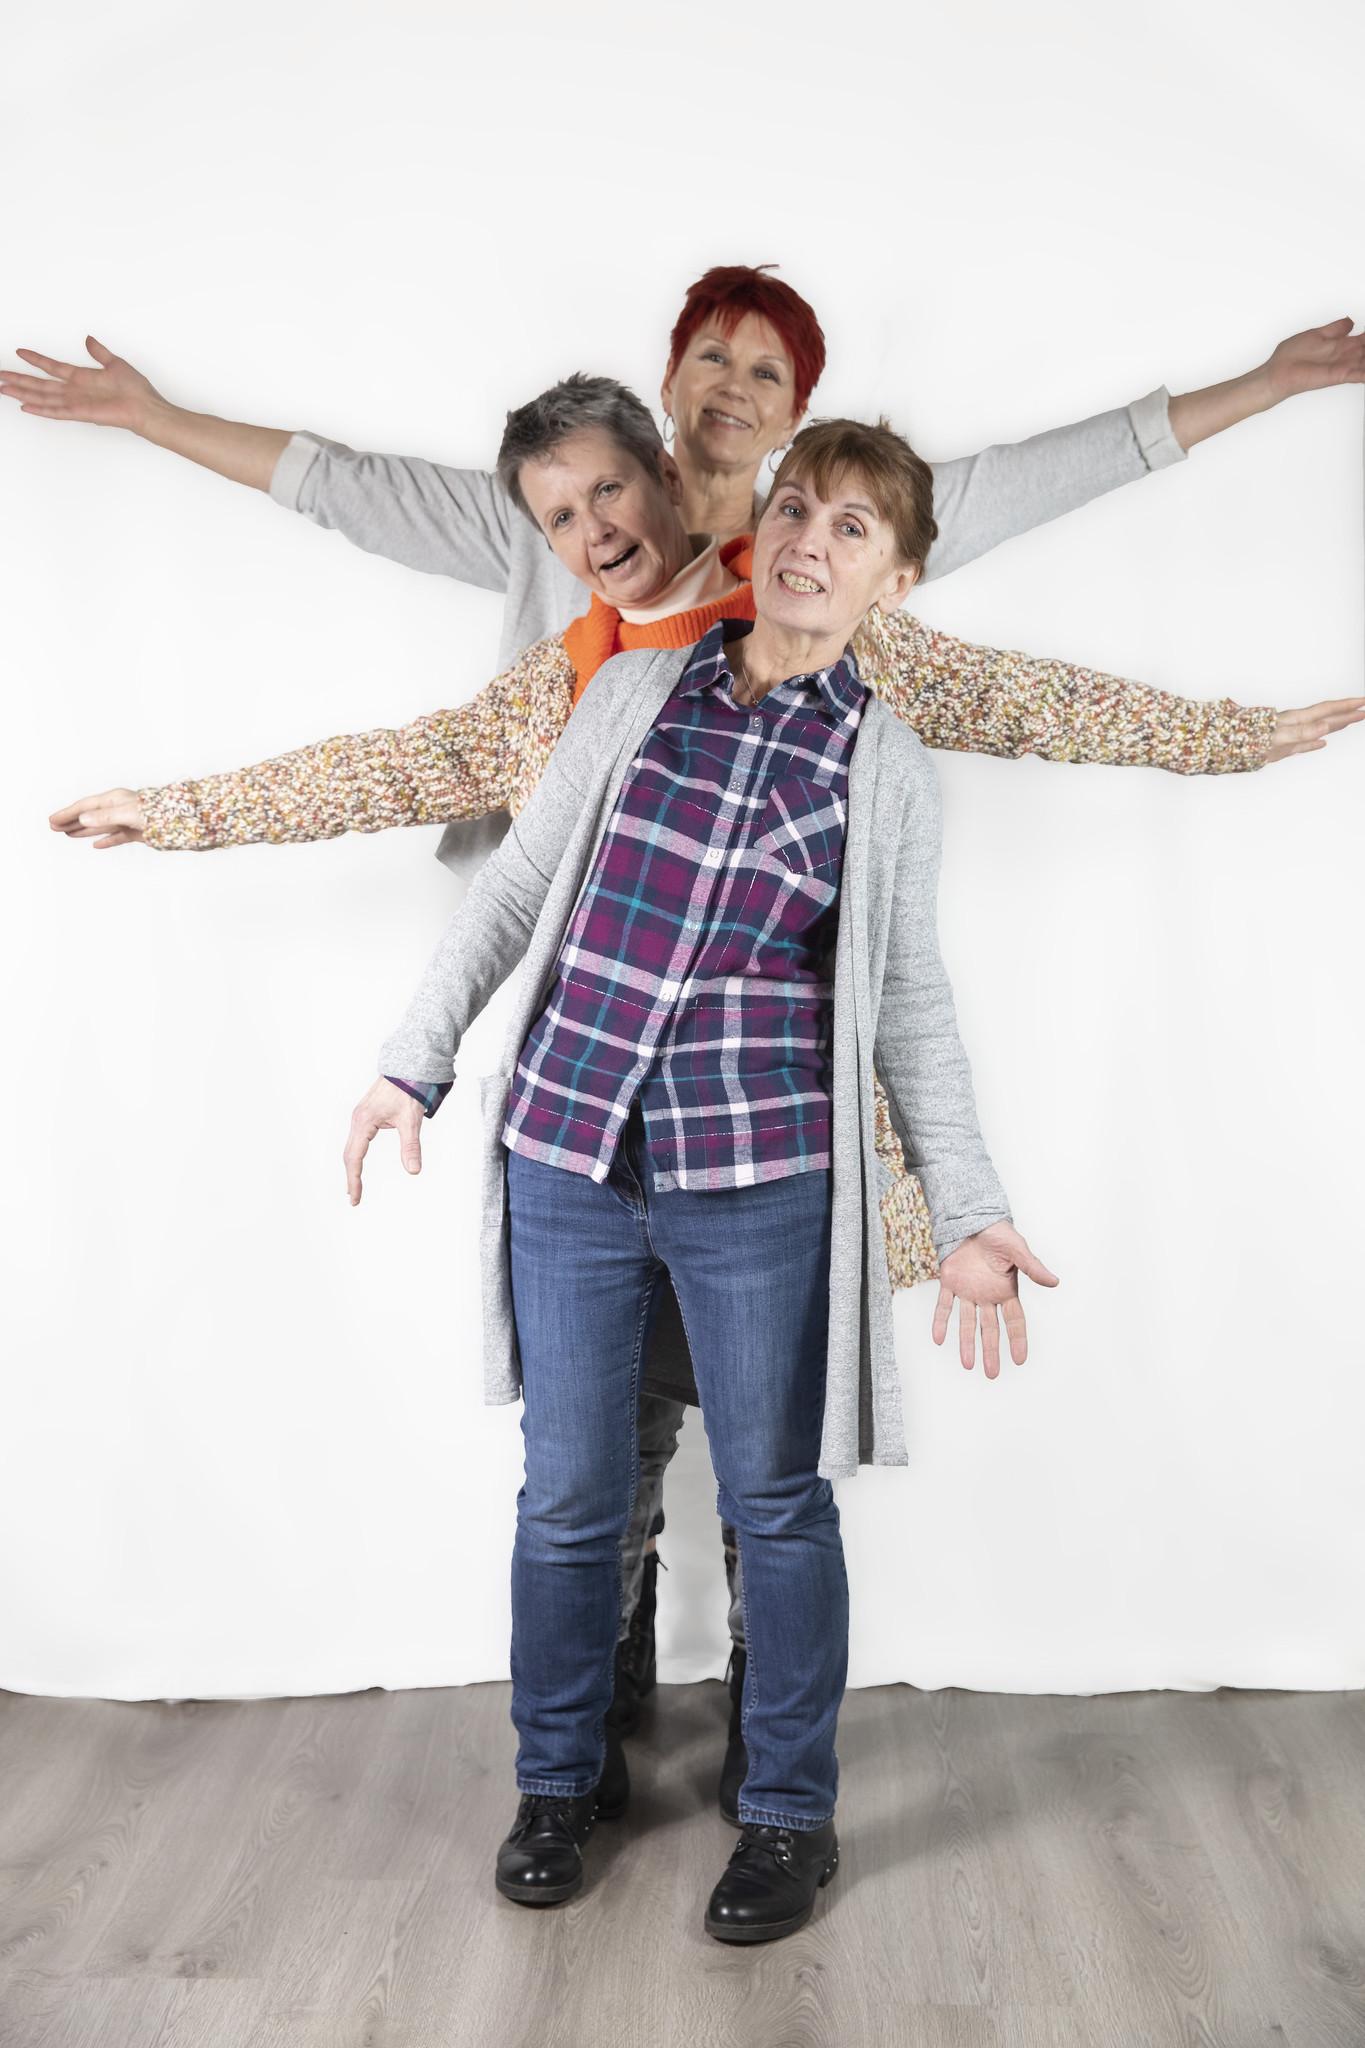 Fotoshooting Drei Schwestern